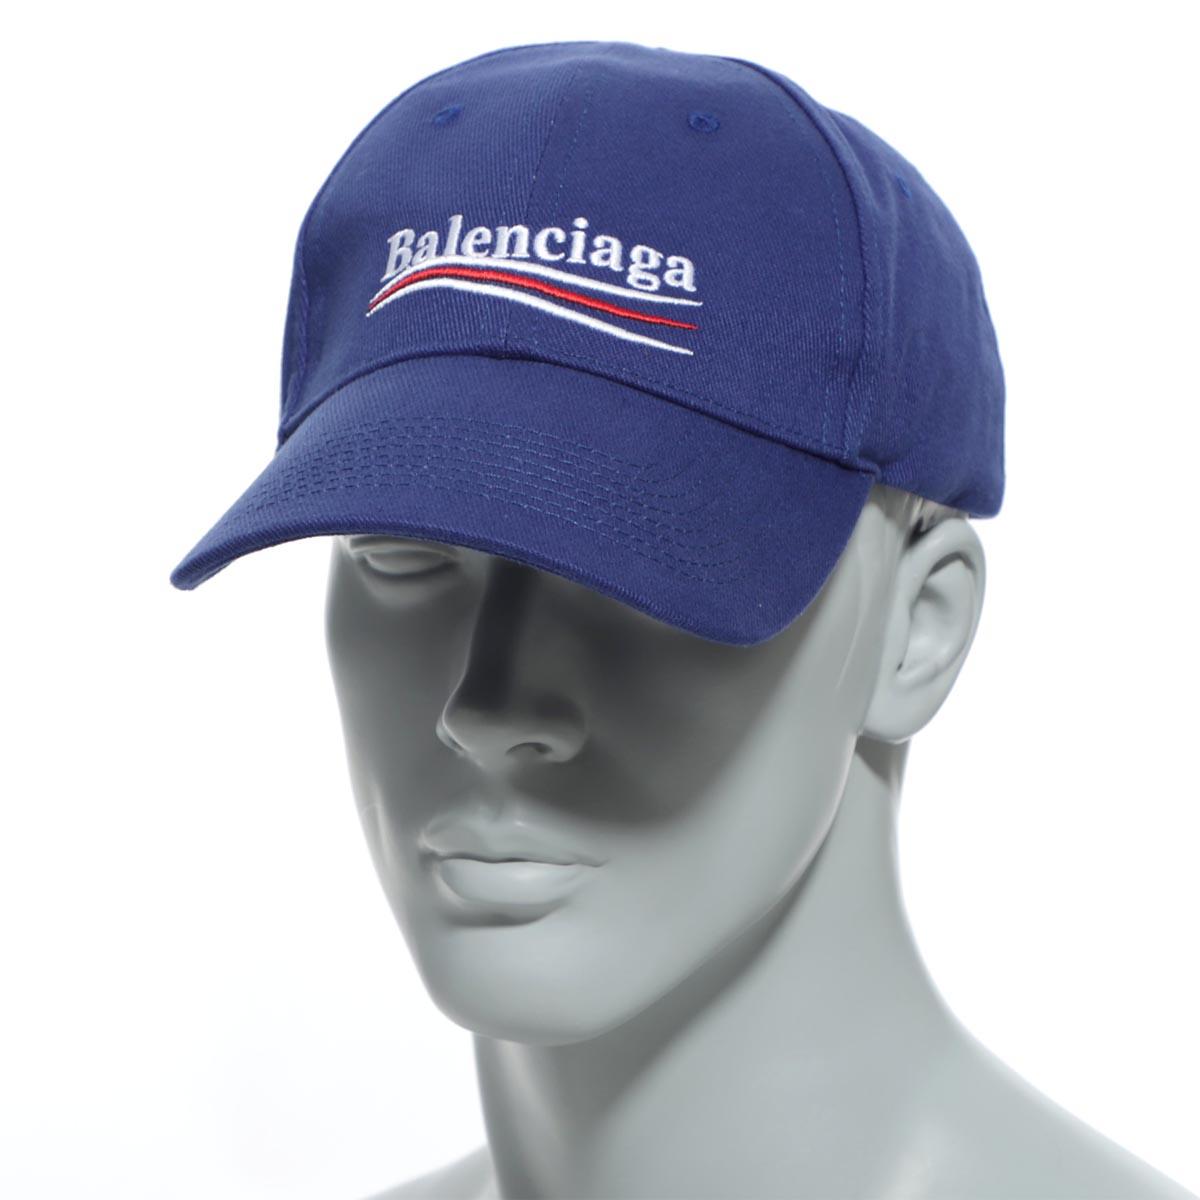 メンズ帽子, キャップ  BALENCIAGA 561018 410b2 4277 HAT POLITICAL BASEBALL CAP